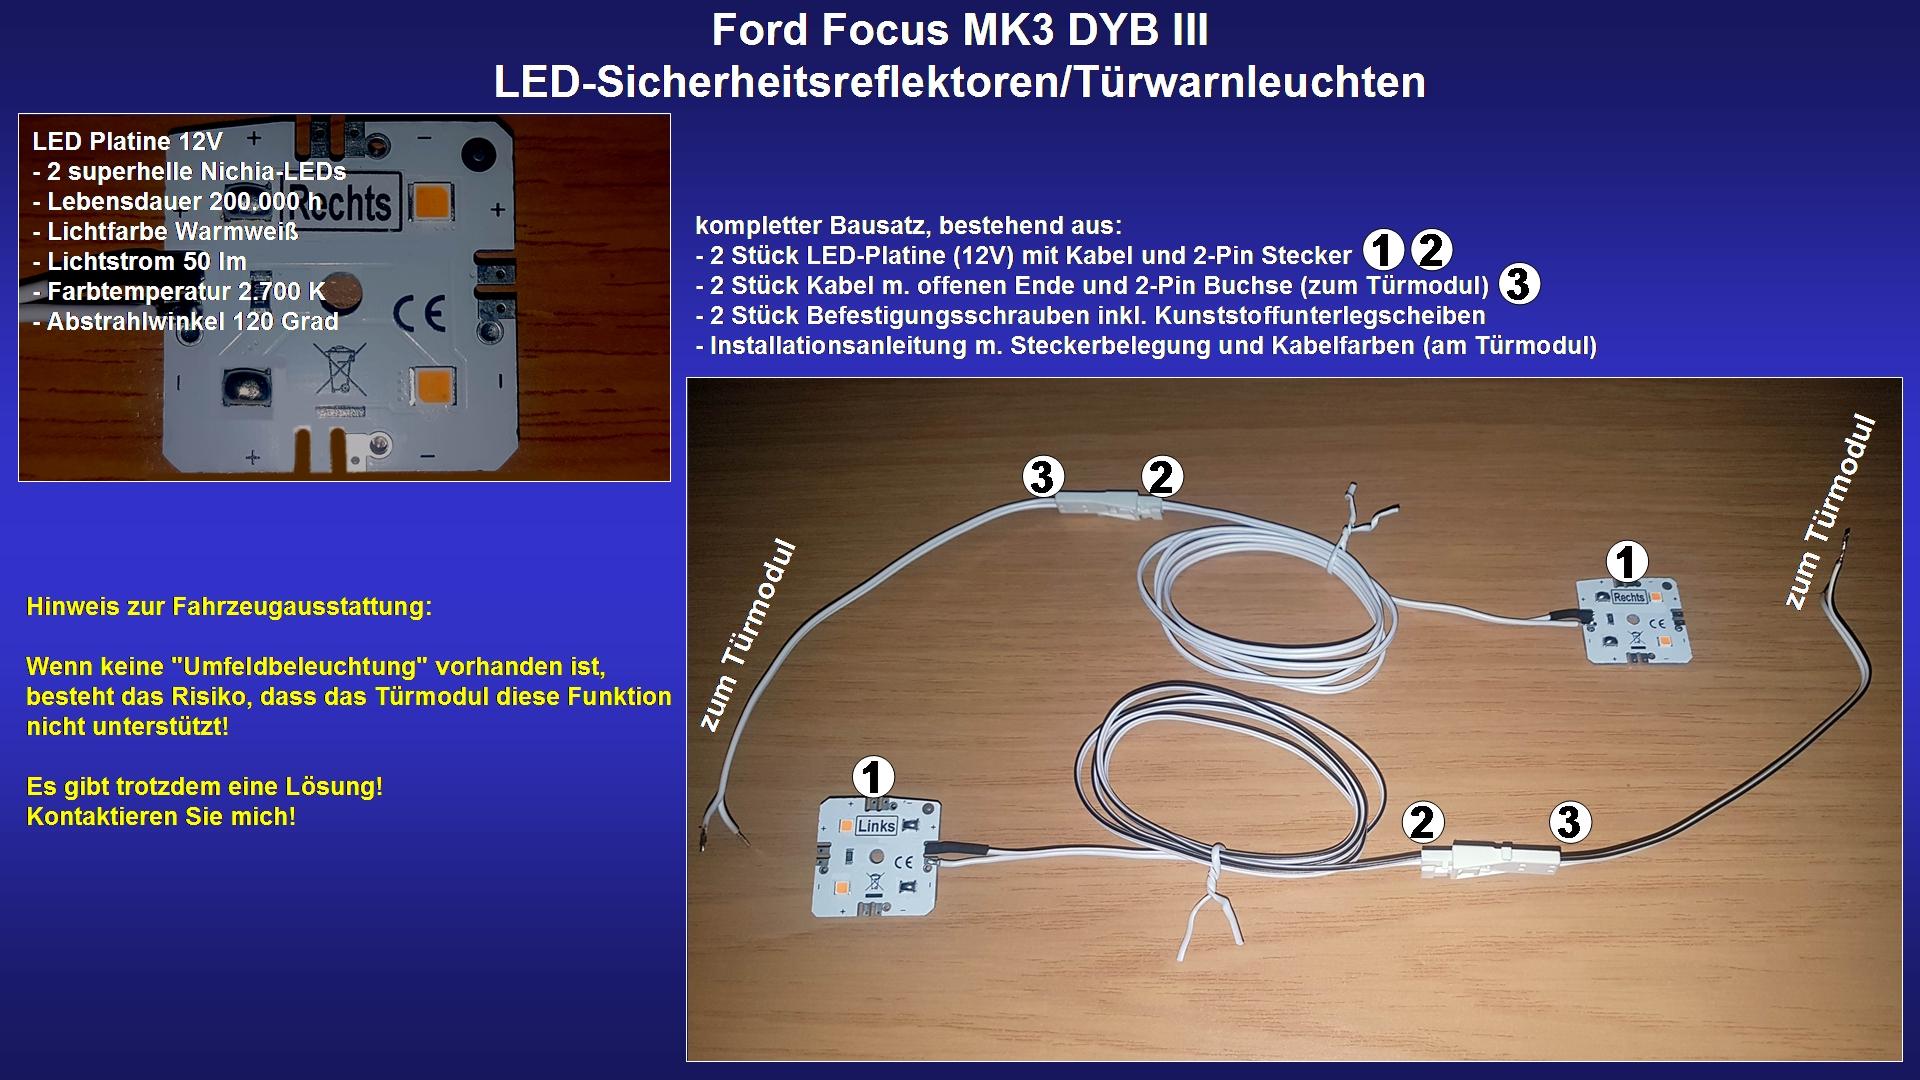 Präsentation - LED-Sicherheitsreflektoren-Türwarnleuchten - Folie 1.jpg